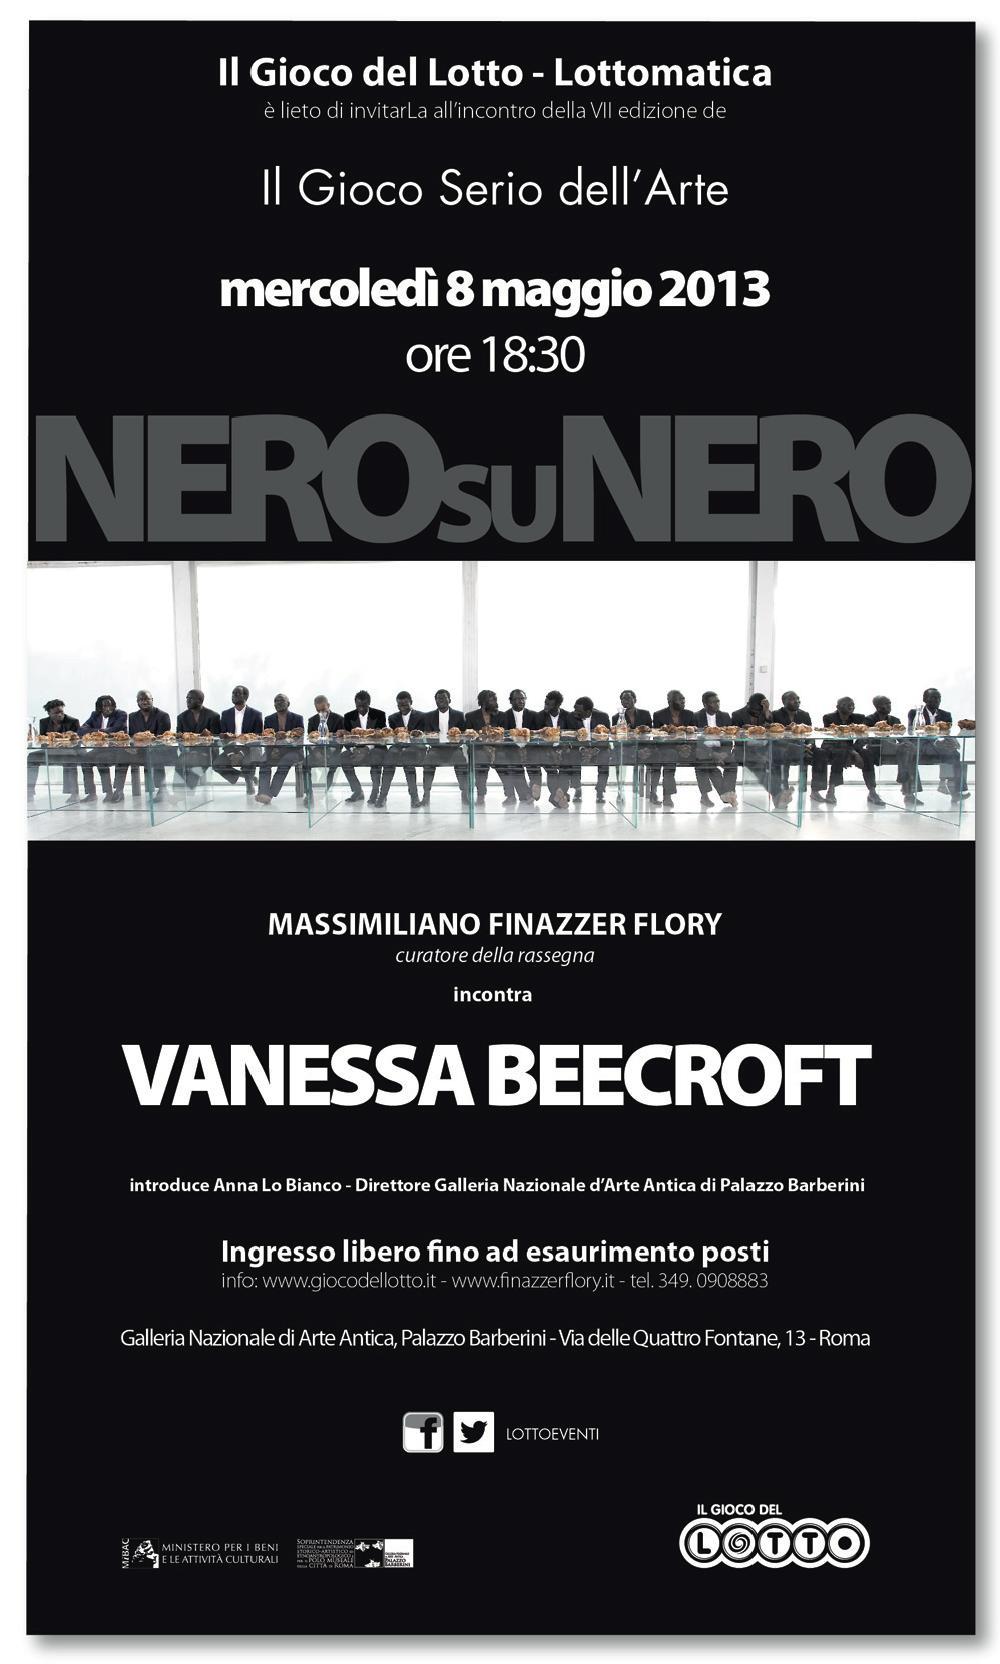 Invito evento Vanessa Beecroft